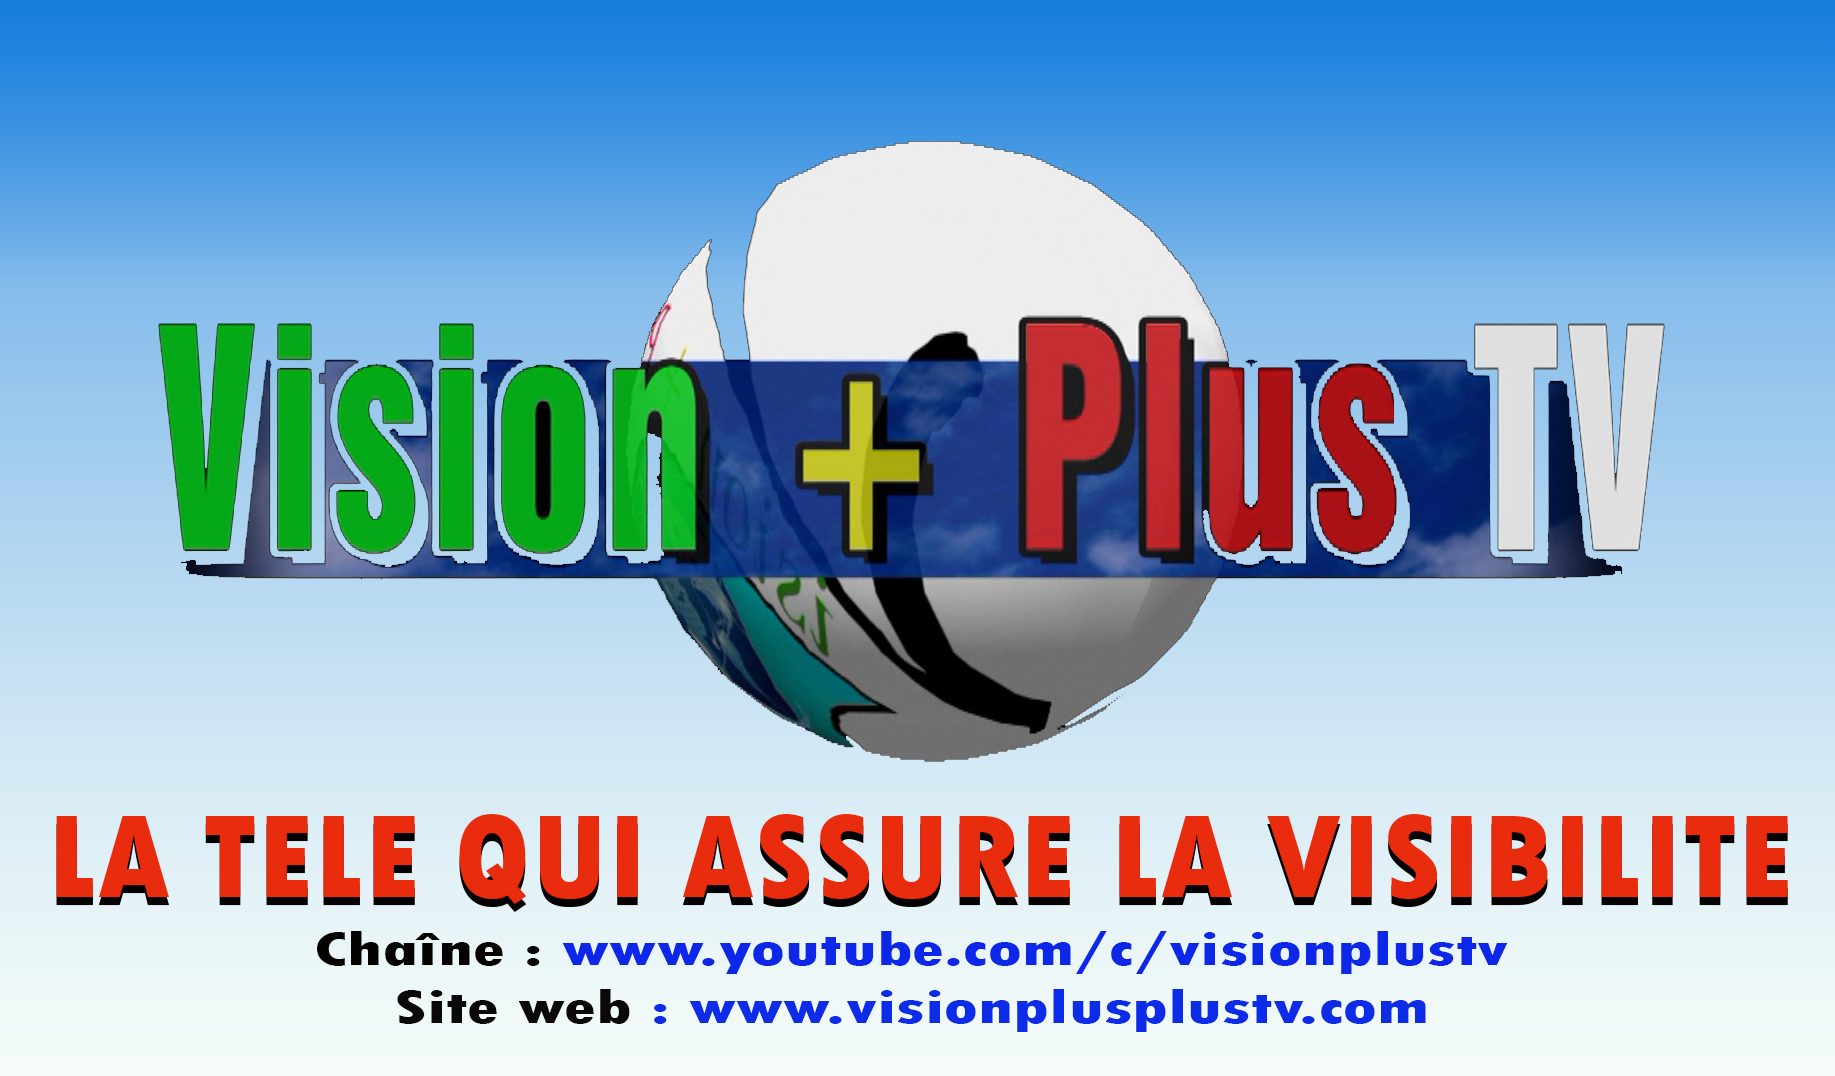 La télé qui assure la visibilité VFF